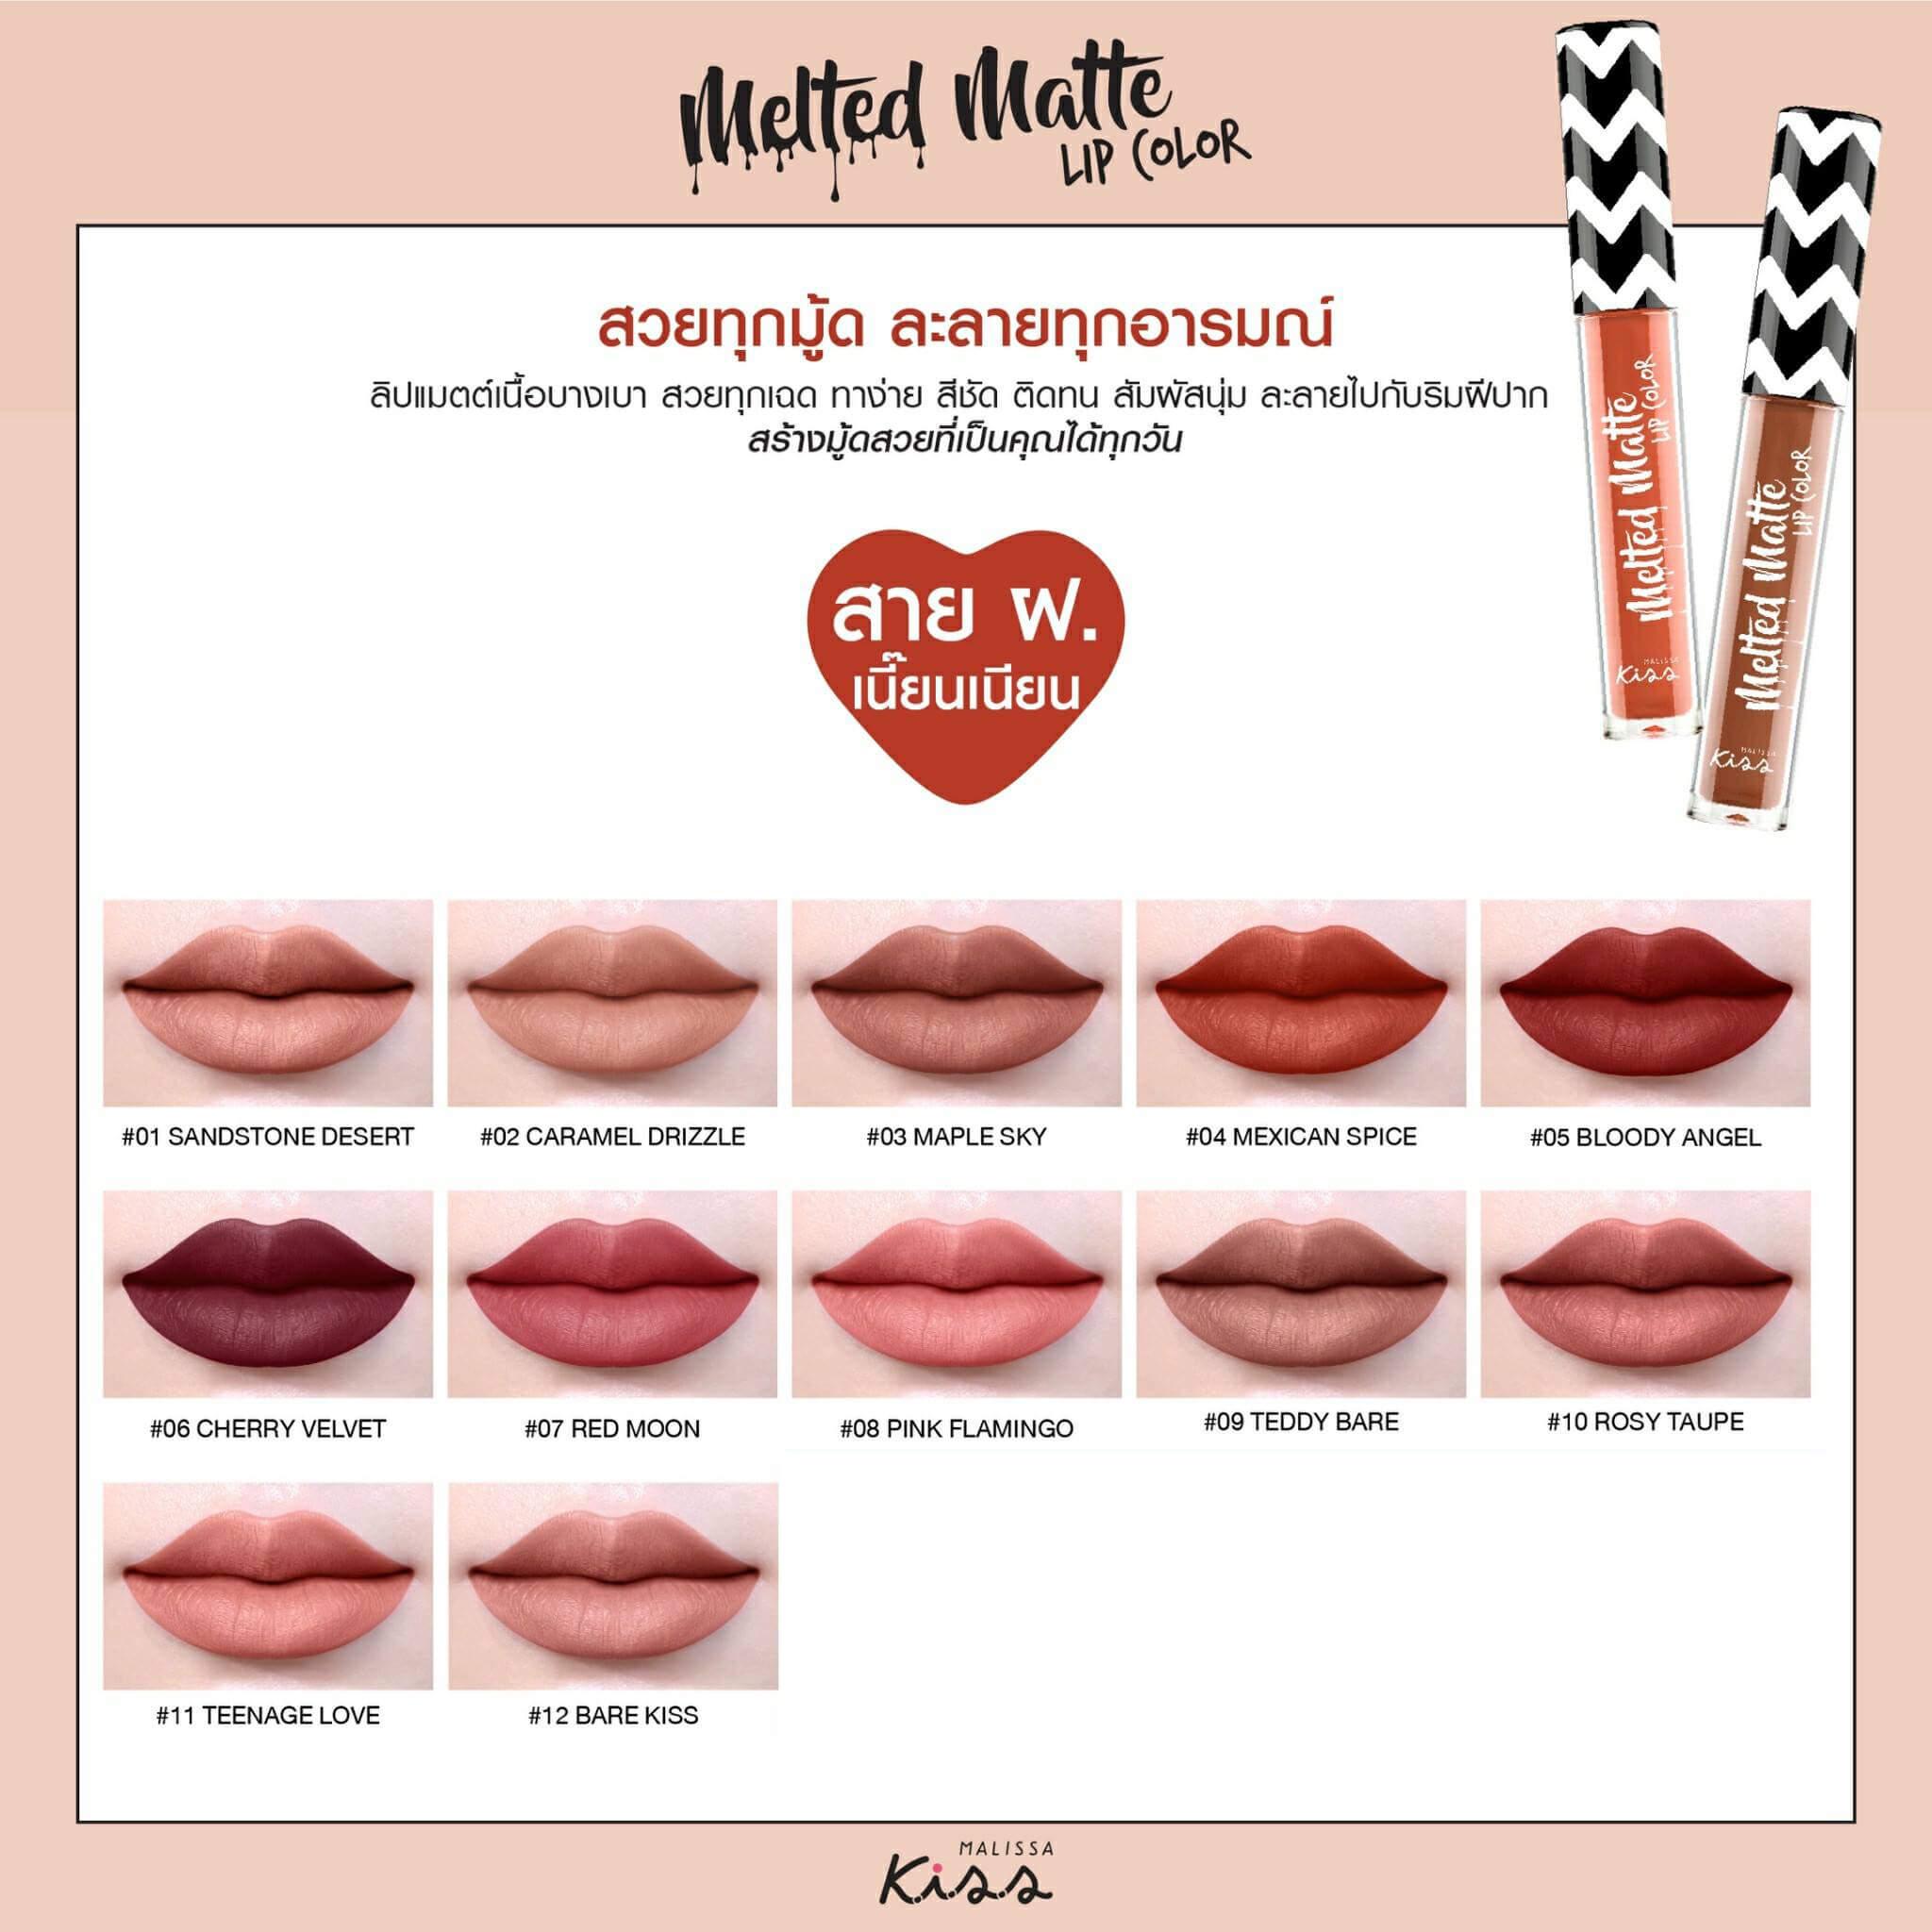 Malissa Kiss,Malissa Kiss Melted Matte Lip Color 06 Cherry Velvet,Melted Matte Lip Color 06 Cherry Velvet,มาลิสาคิส ลิปแมตต์,ลิปแมตต์,ลิปจิ้มจุ่ม,ลิปมูส